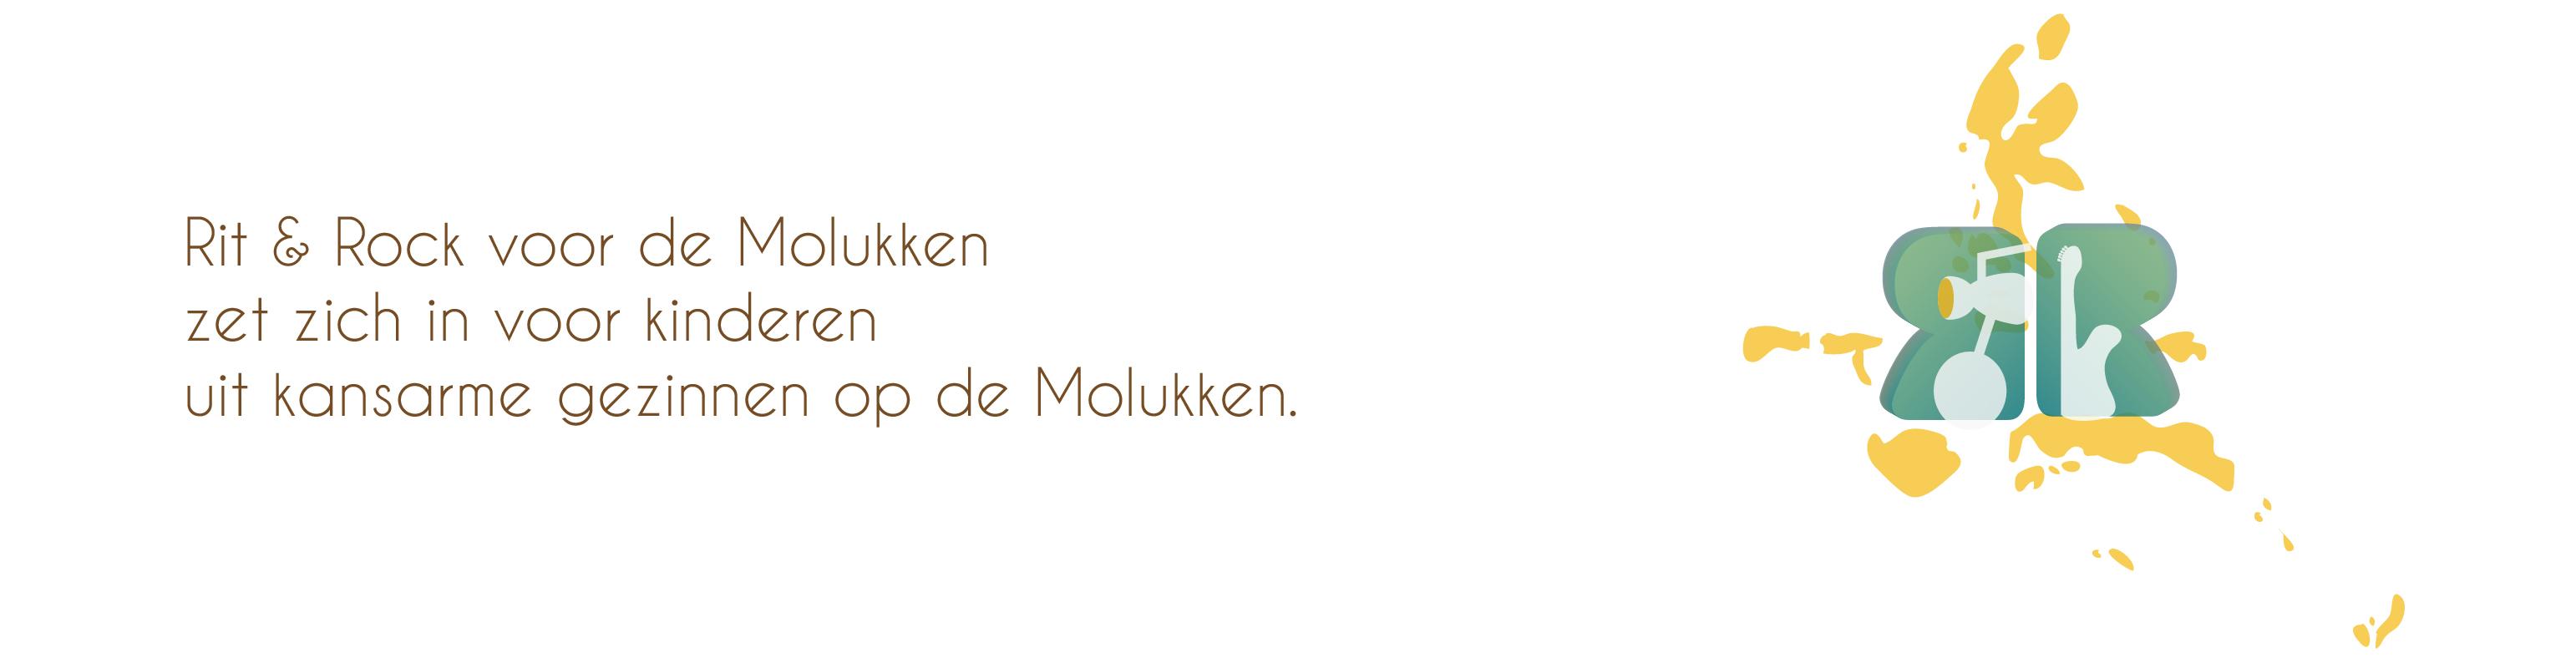 #RRVDM